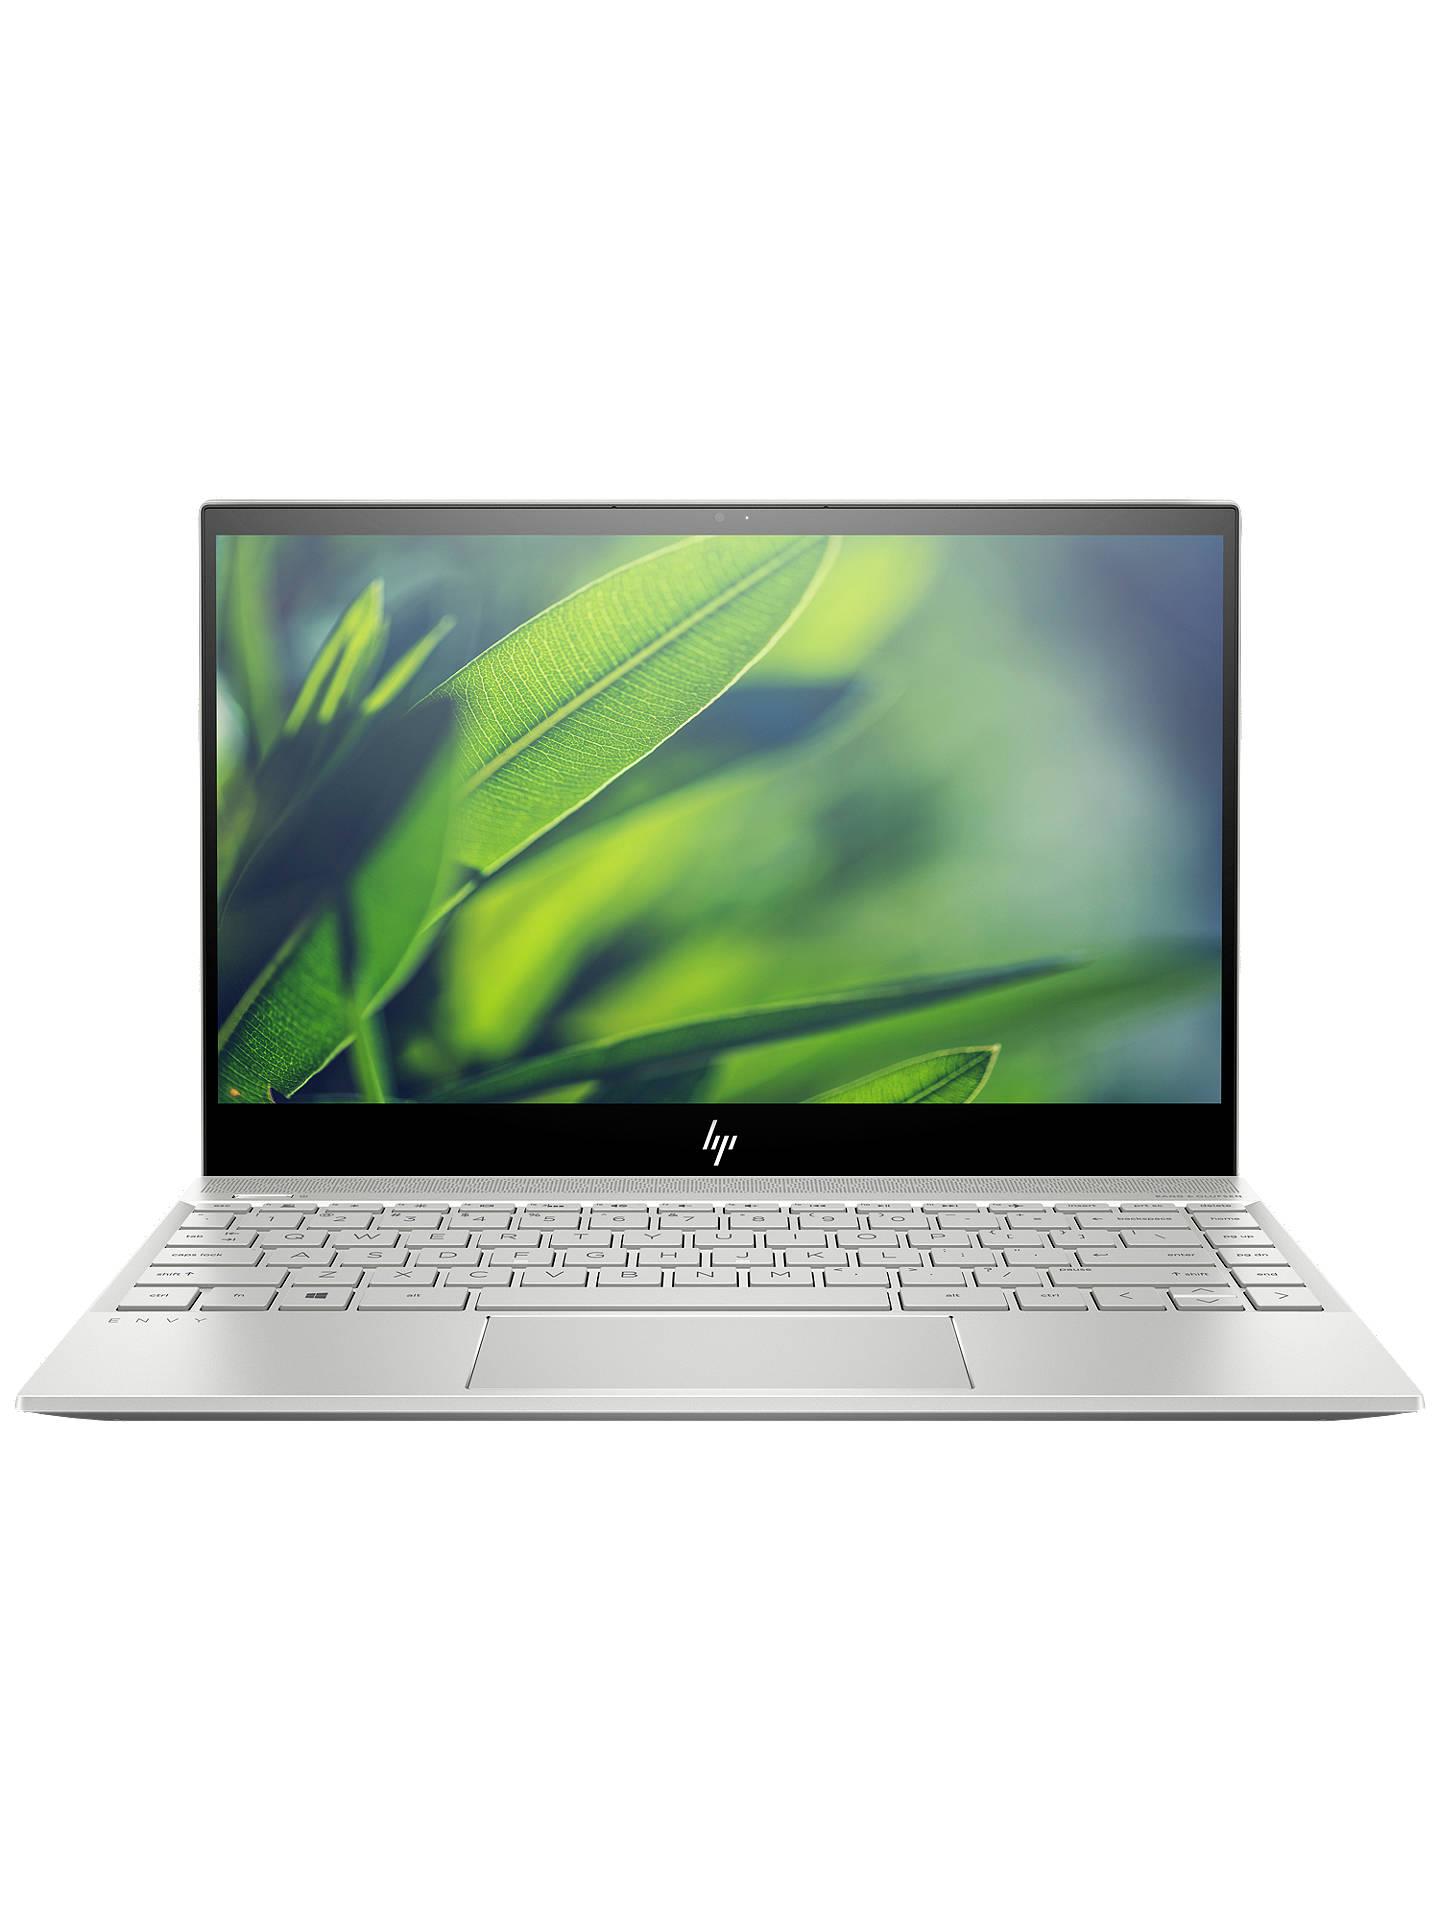 855e1cf2e0 Buy HP ENVY 13-ah0003na Laptop